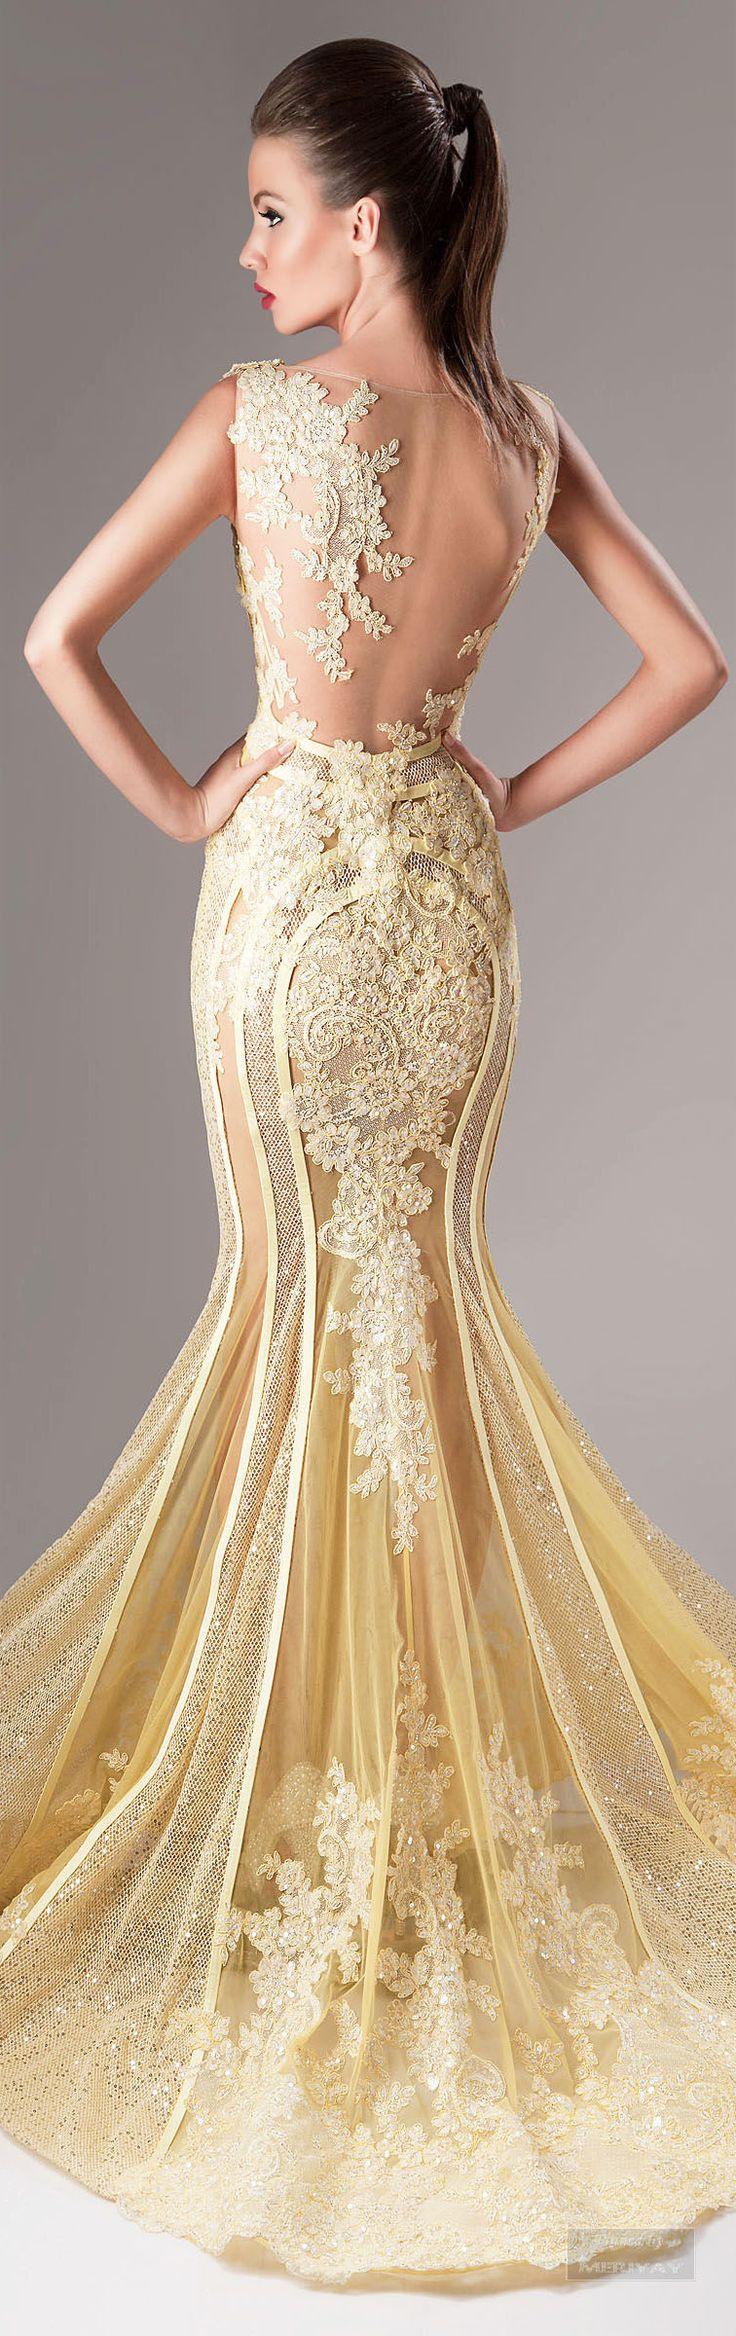 абитуриентски-дизайнерски-рокли-113